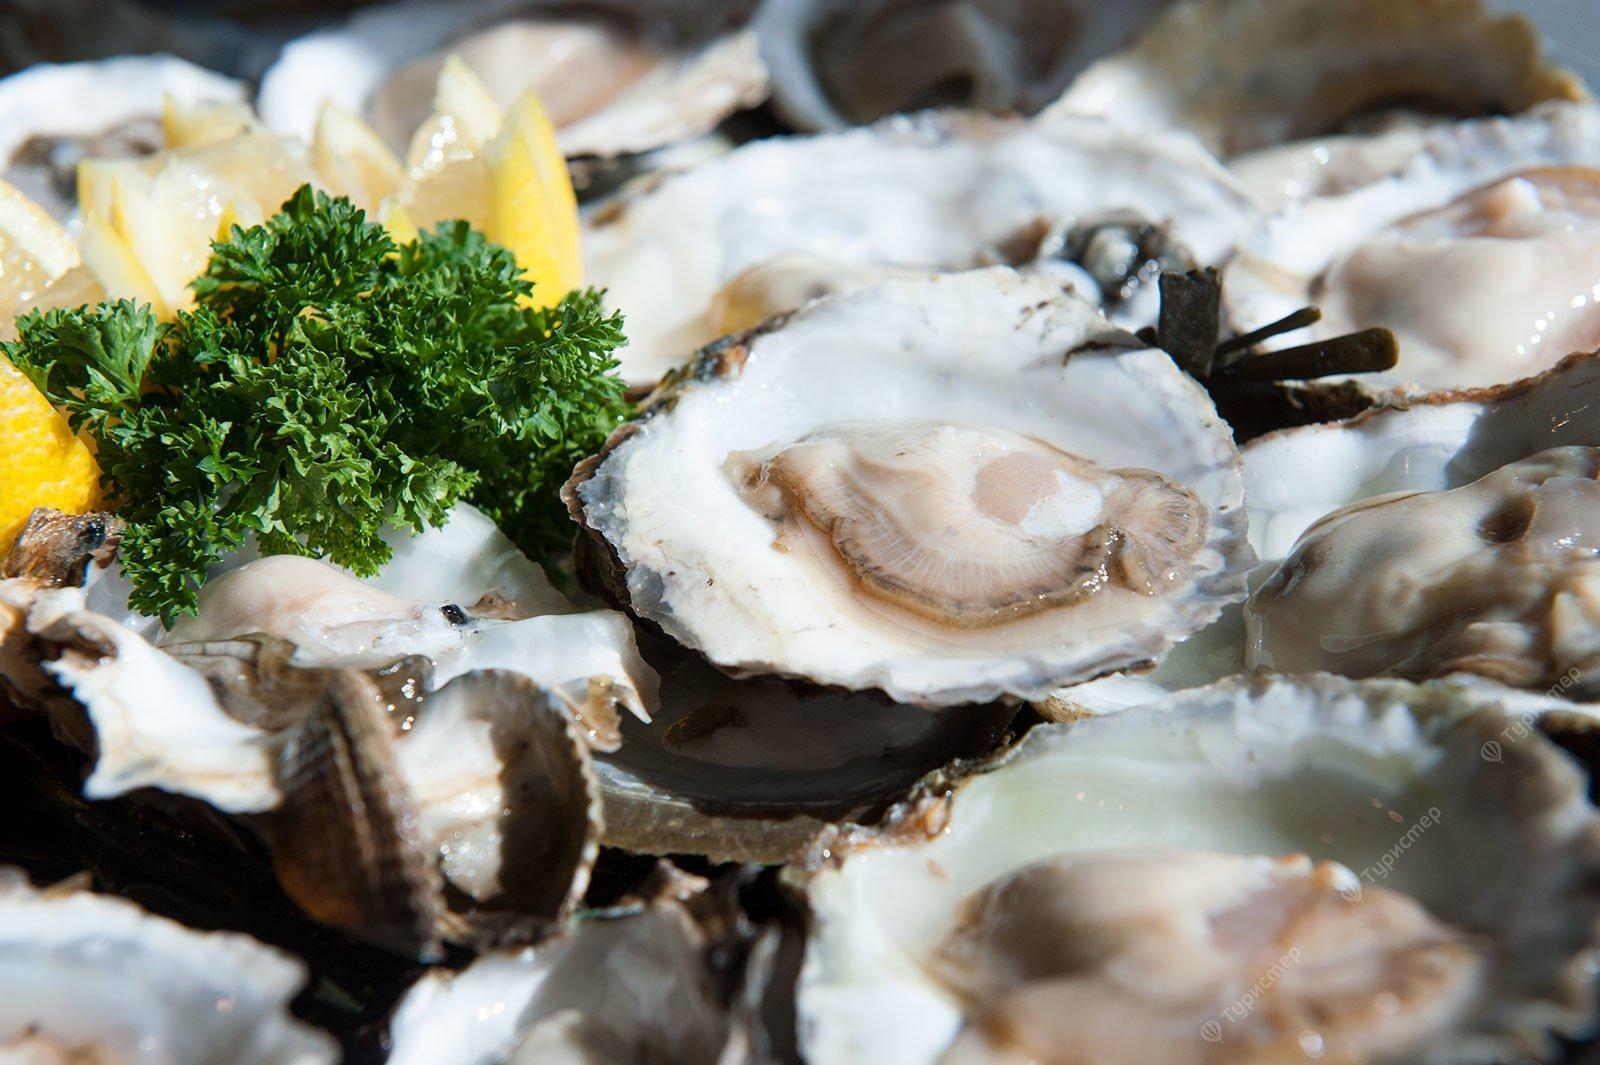 Любителям морепродуктов посвящается. Морские изыски Зеландии. Экскурсия на устричные фермы